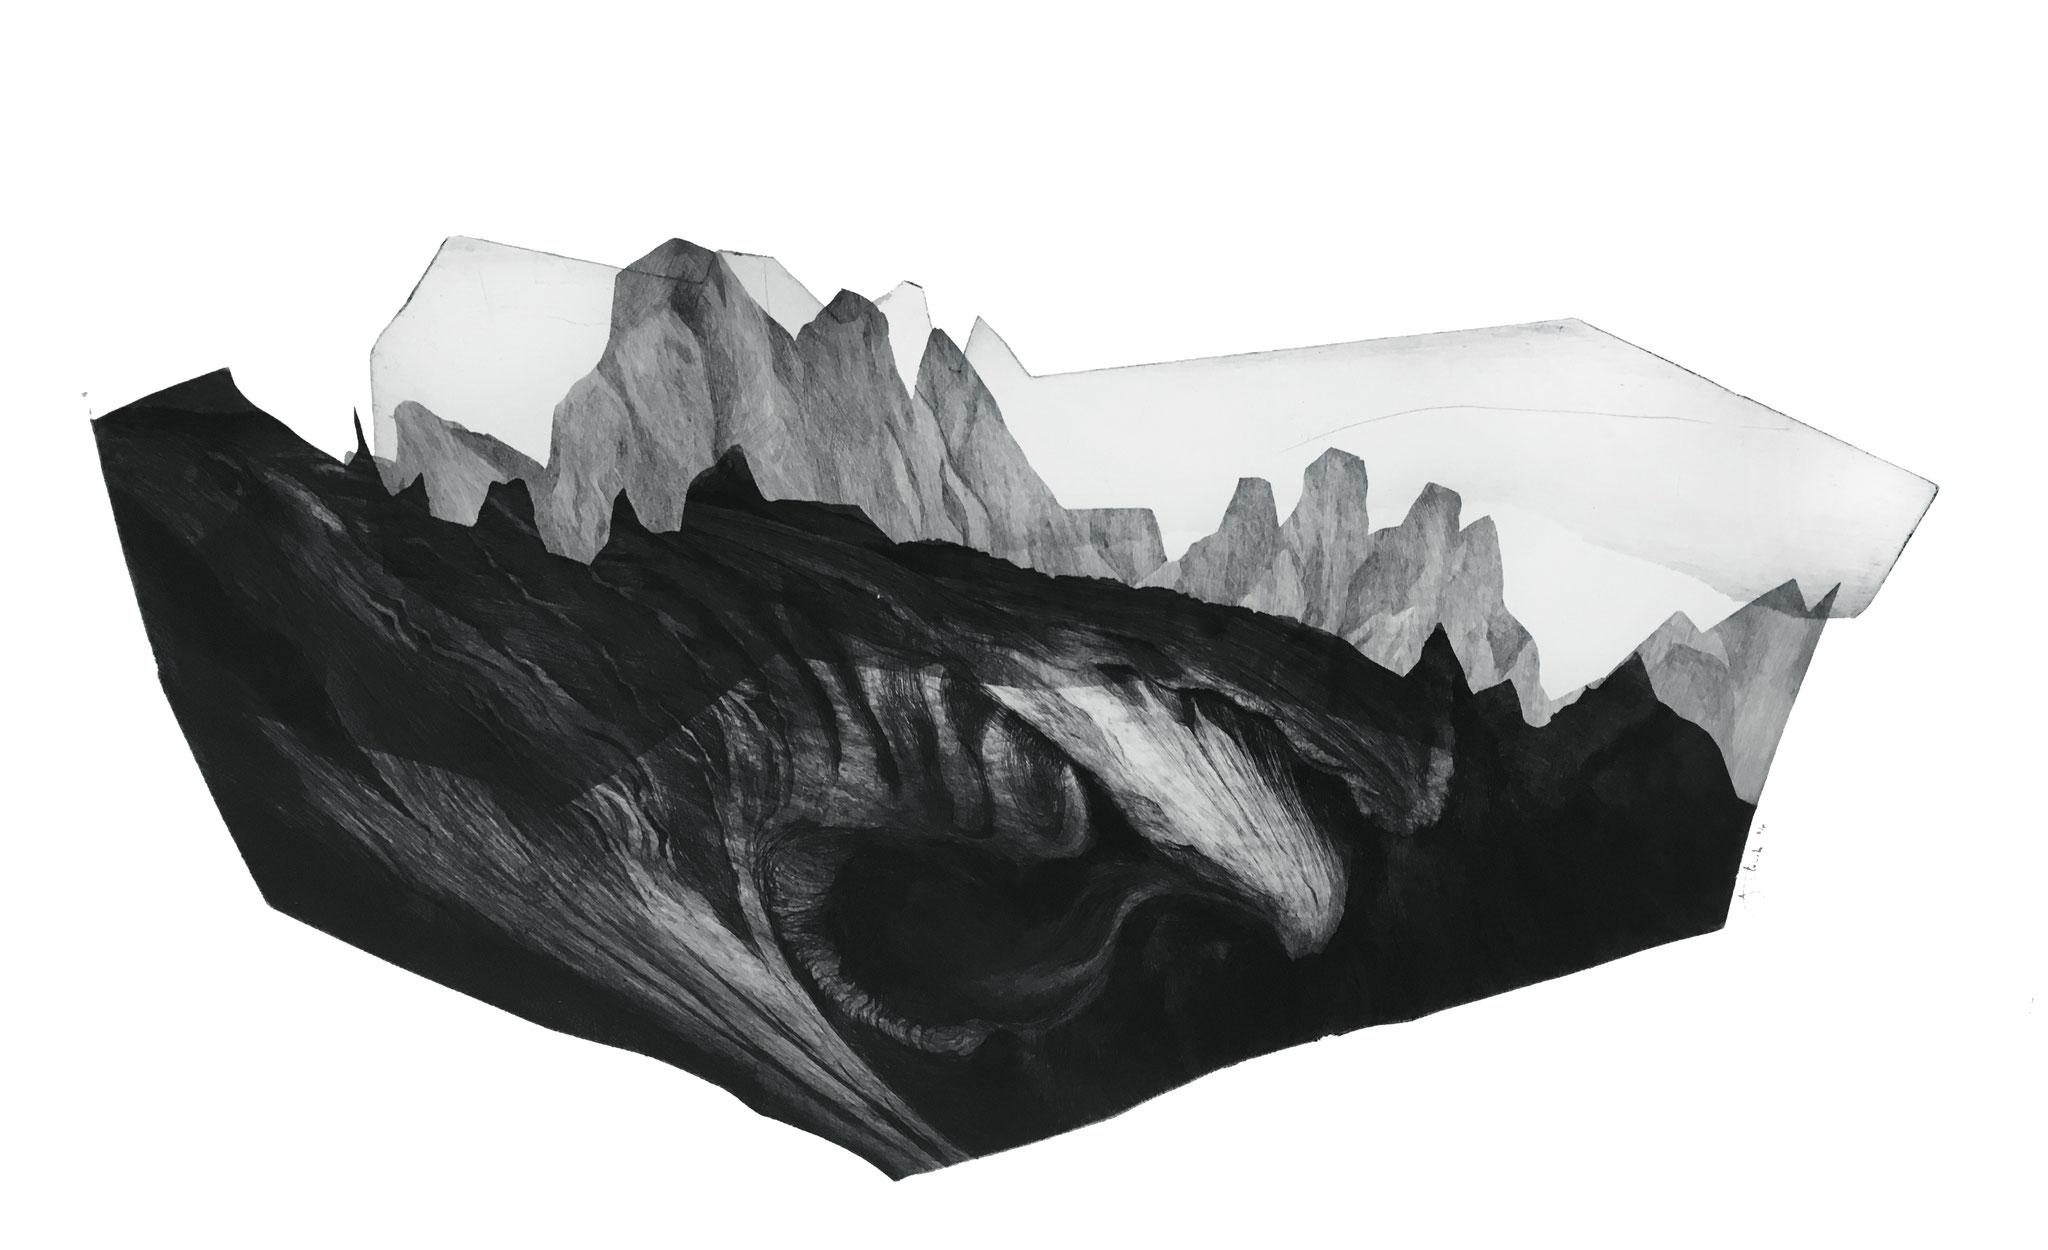 Série Les Enigmes, 2 I pointe sèche sur papier Fabriano I Epreuve d'artiste I 56 x 76 cm I 2017